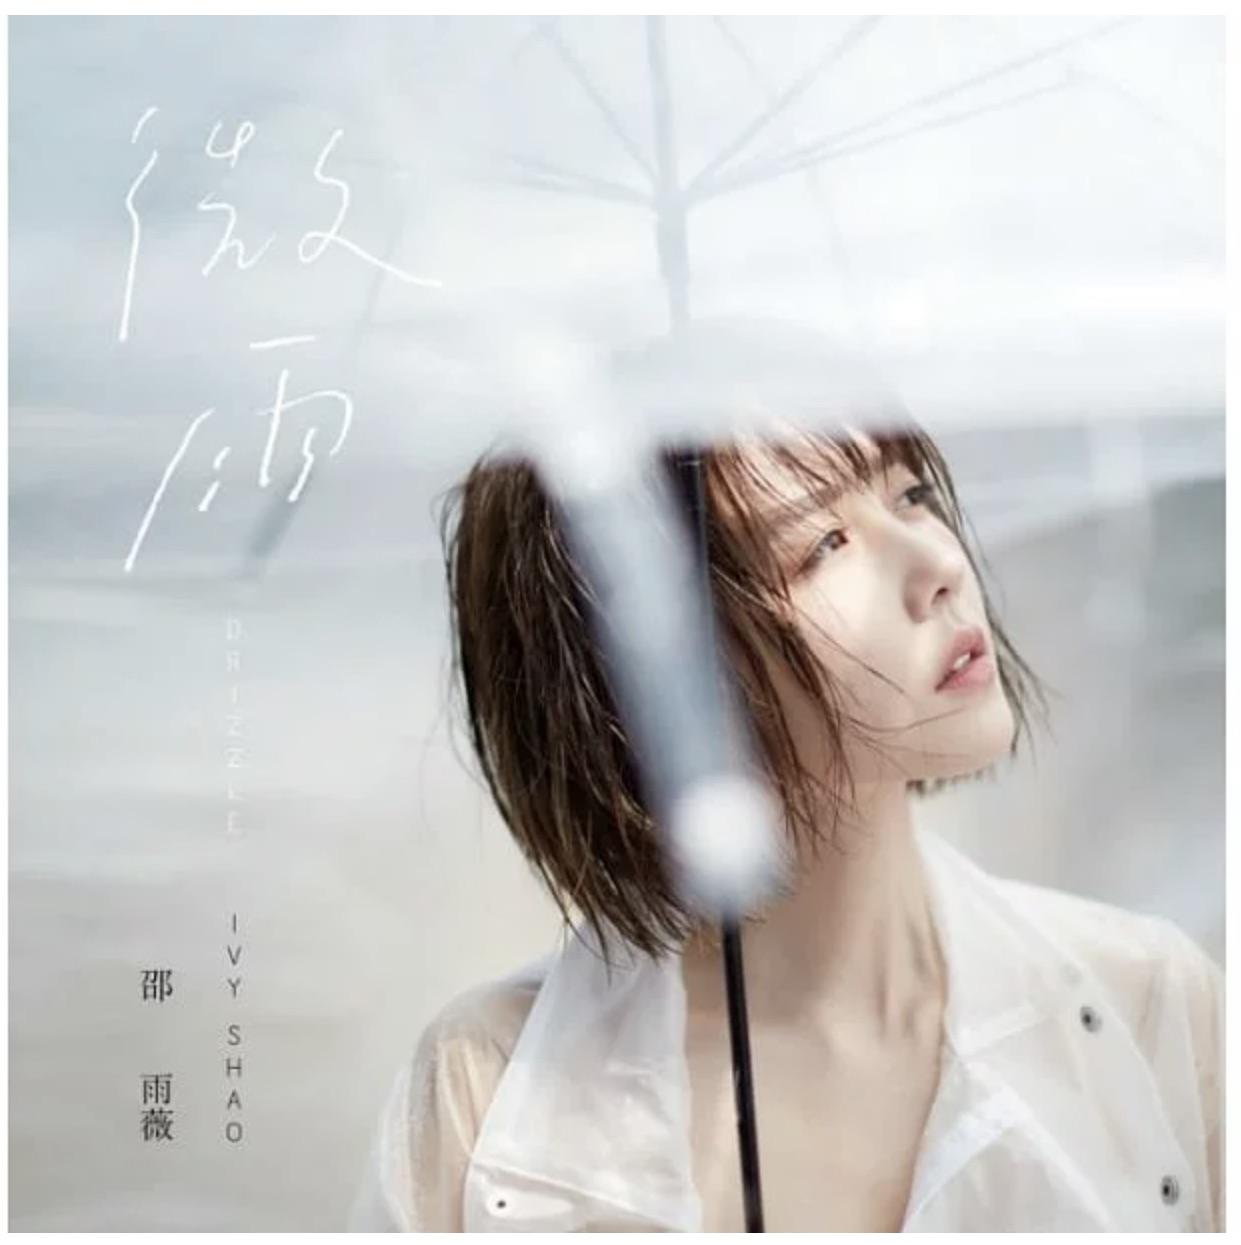 邵雨薇(シャオ・ユーウェイ) 微雨   ( CD /台湾版)